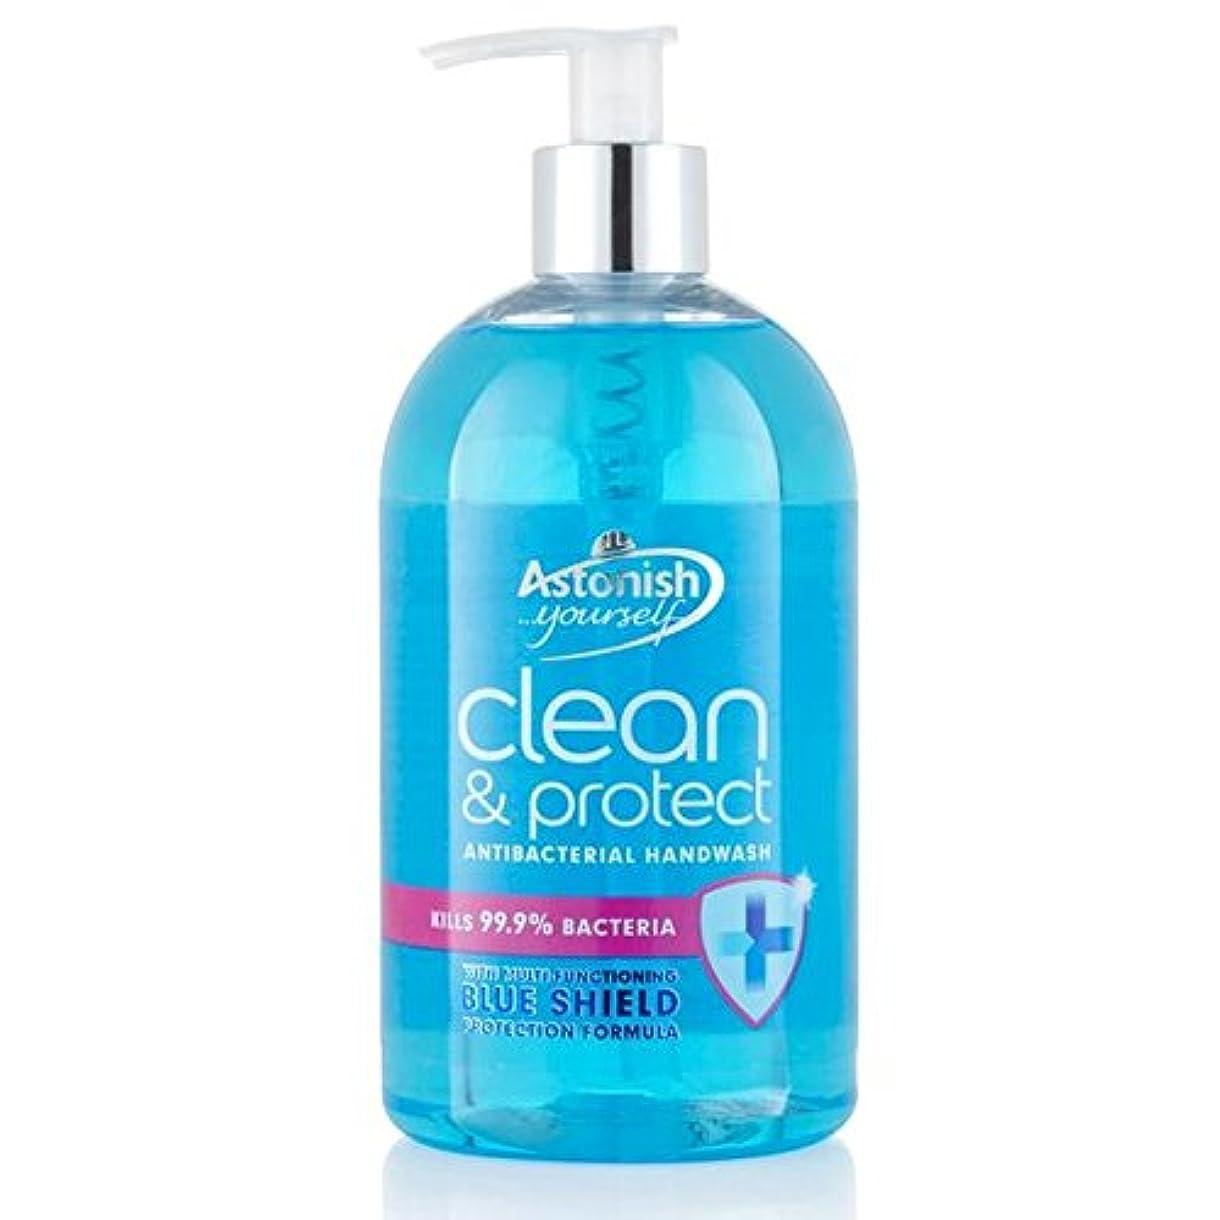 シルク叱るチャンピオンシップAstonish Clean & Protect Hand Wash 500ml (Pack of 6) - クリーン驚か&ハンドウォッシュ500ミリリットルを保護 x6 [並行輸入品]